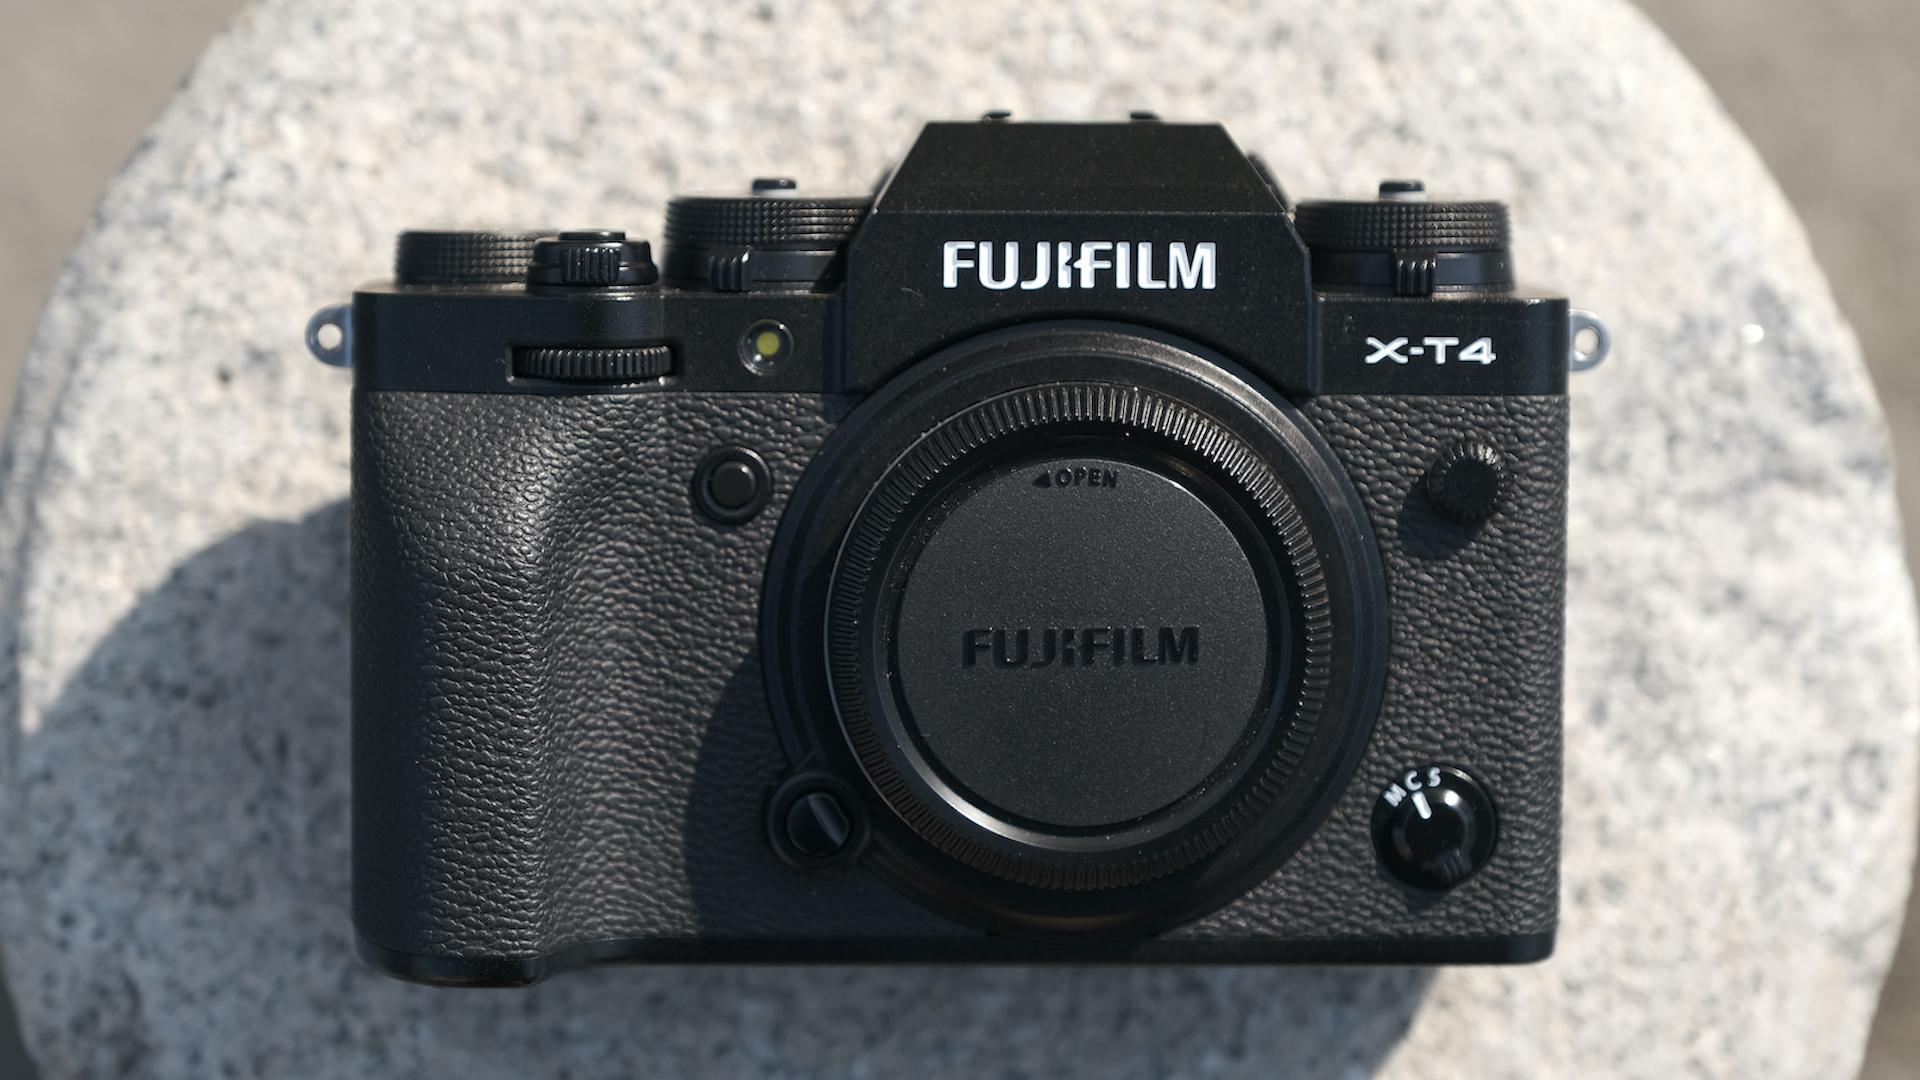 Lanzaron la actualización de firmware de la FUJIFILM X-T4: mejoras en la función IBIS en Modo Película